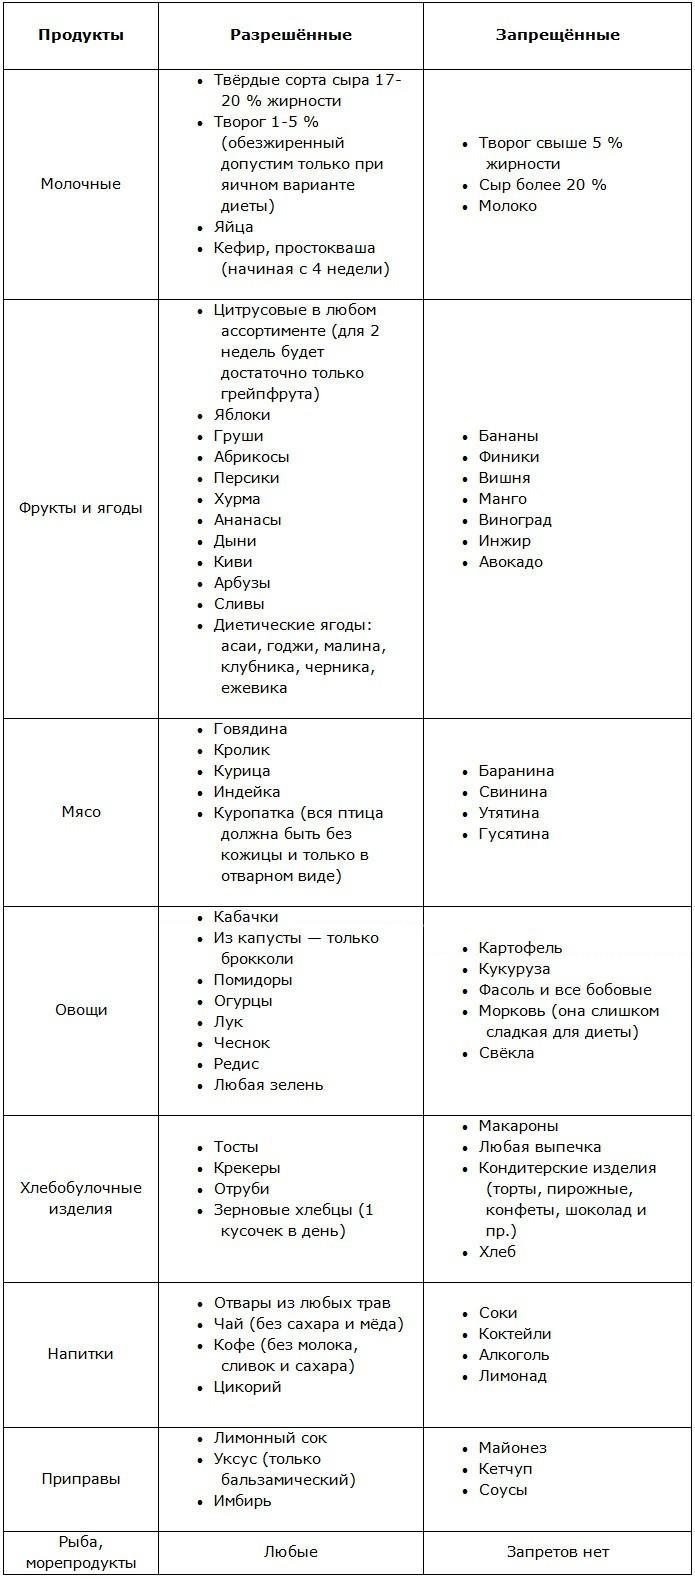 Диета Магги Классическая. Правильное похудение на диете Магги: варианты меню на 2 и 4 недели в удобных таблицах